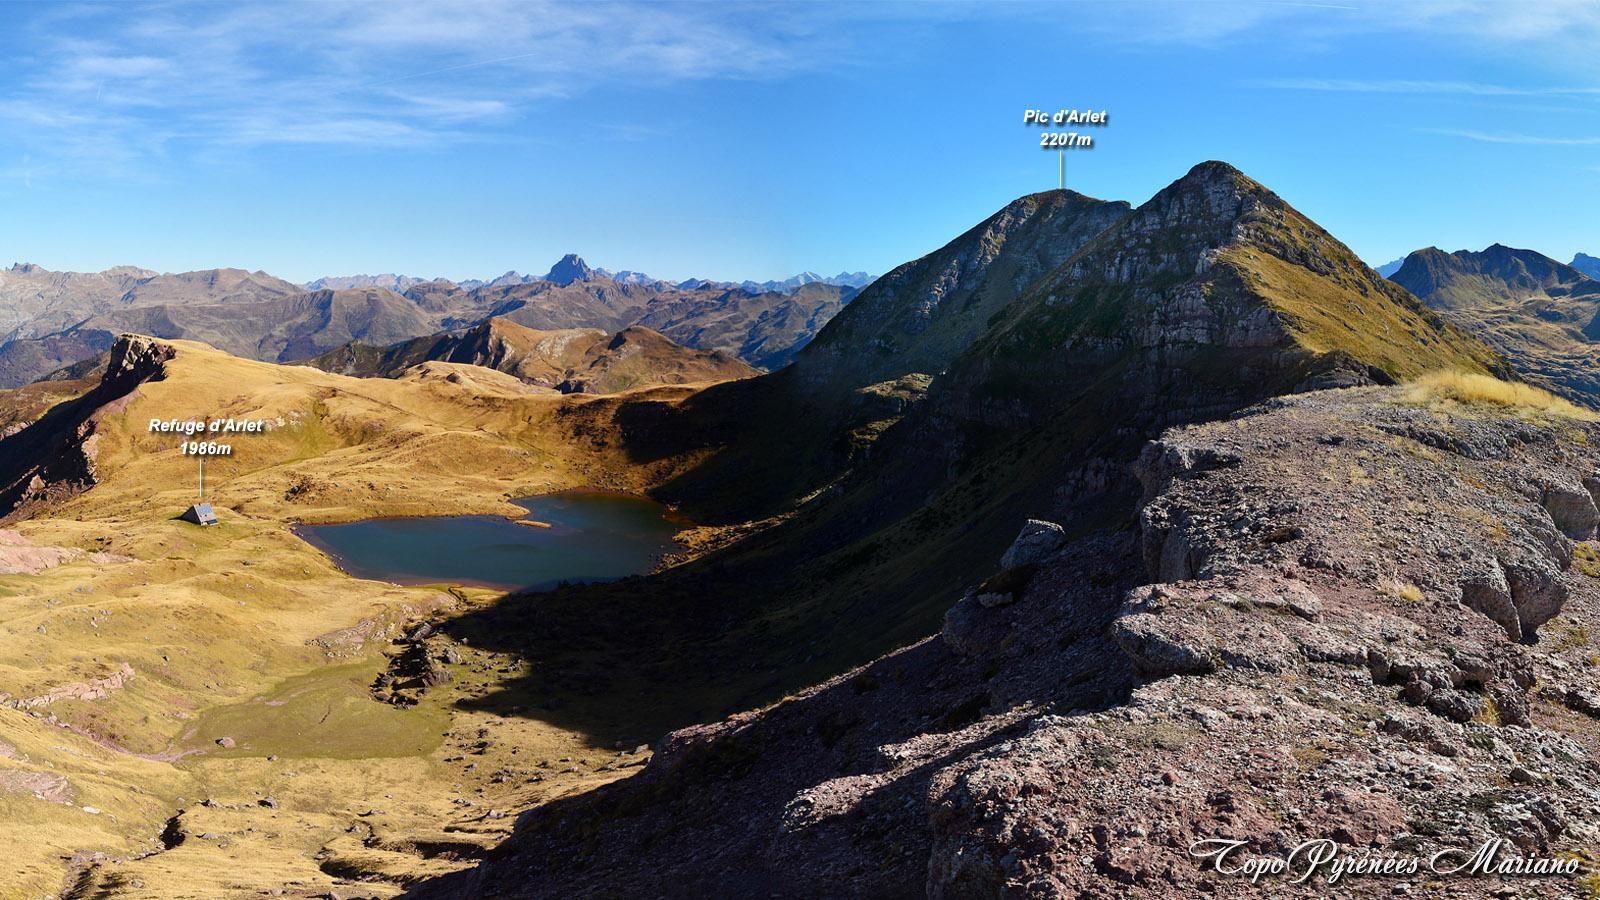 Randonnée Pic d'Arlet 2207m